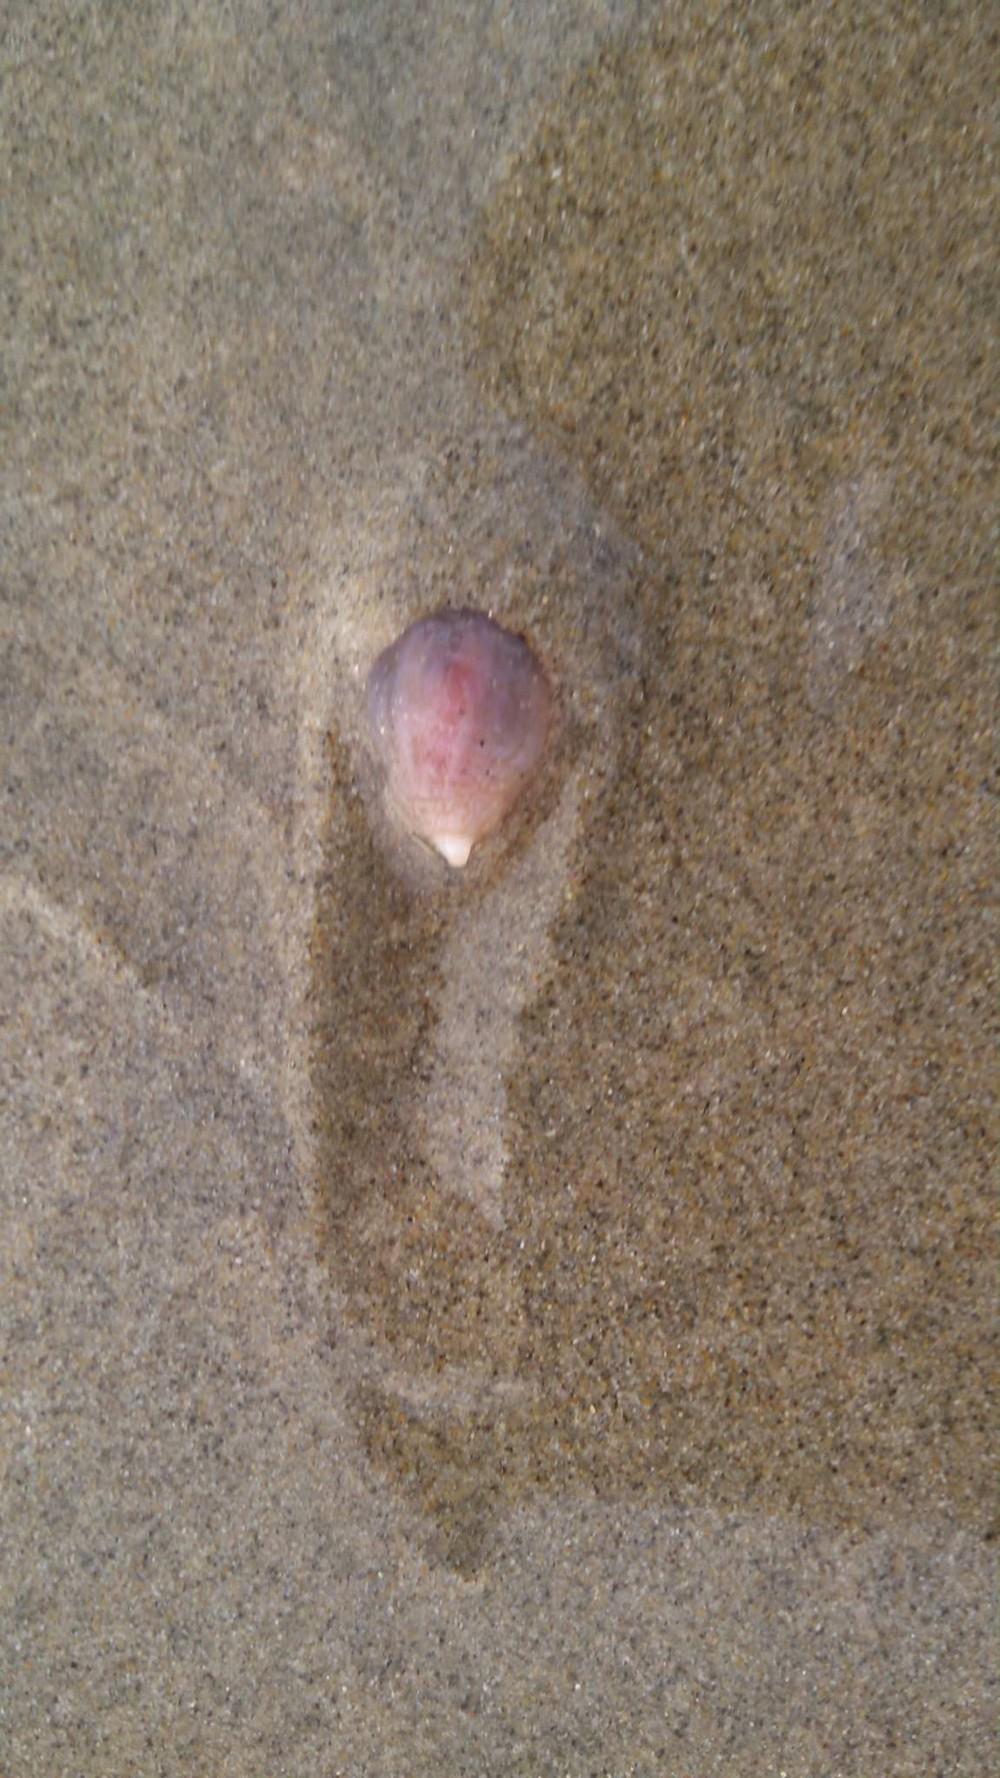 Тысячи странных существ вышли на пляж в Калифорнии